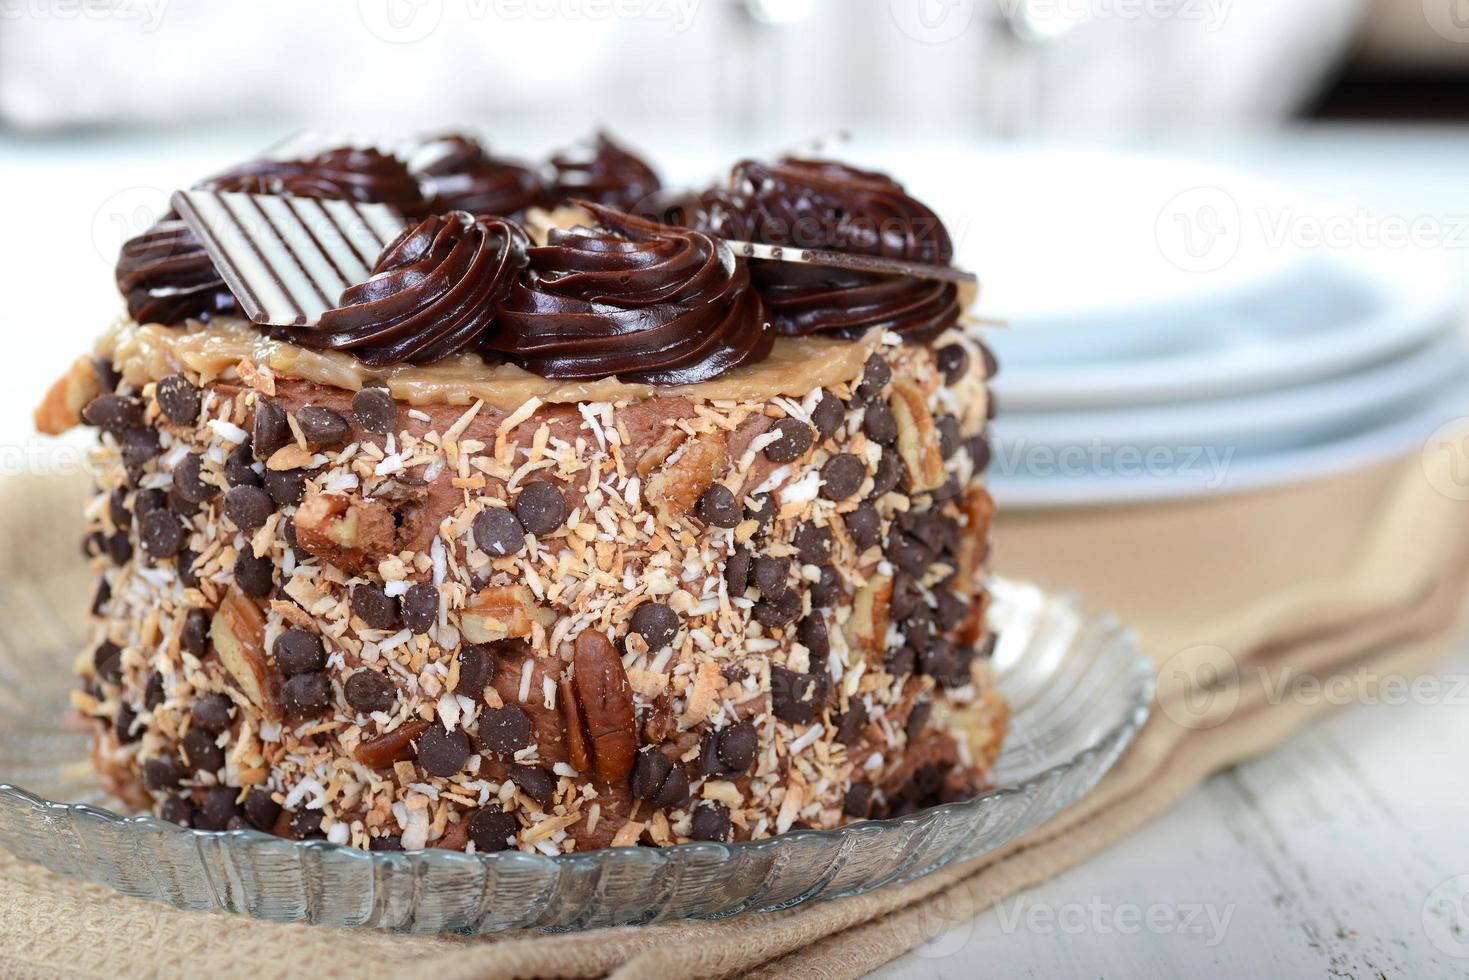 bolo de chocolate alemão inteiro foto